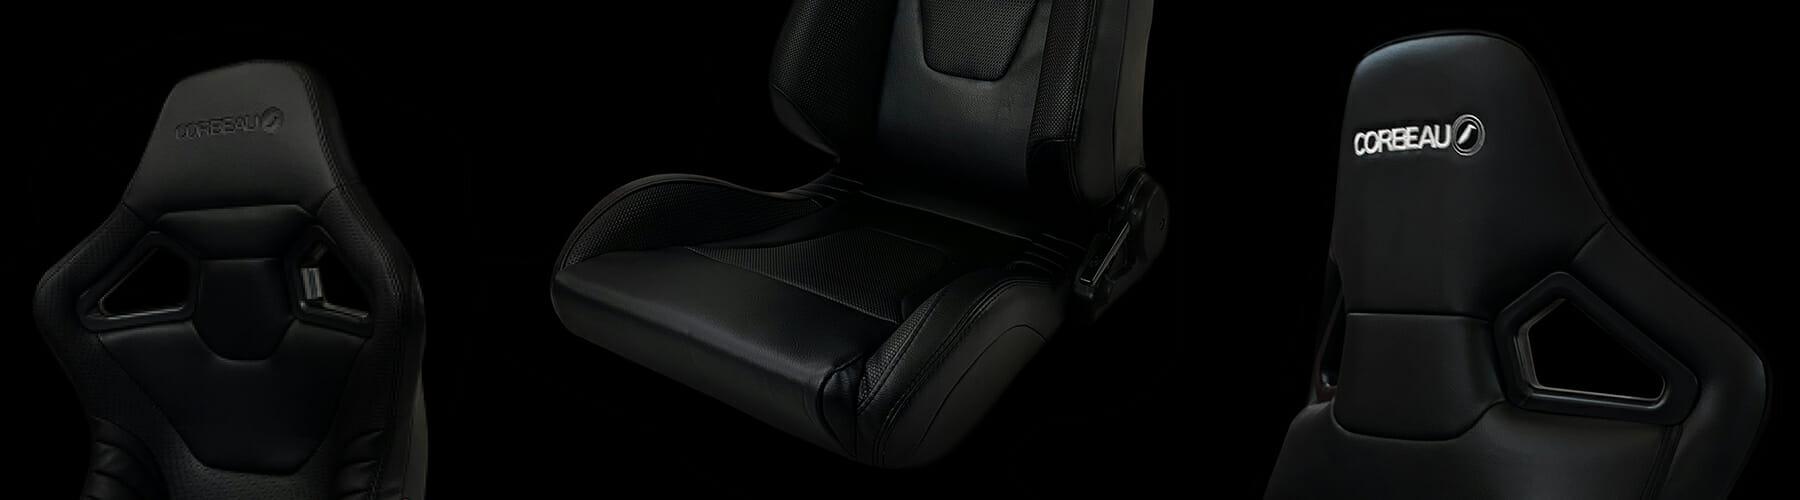 Corbeau Seats 2019 Bucket Seat Release